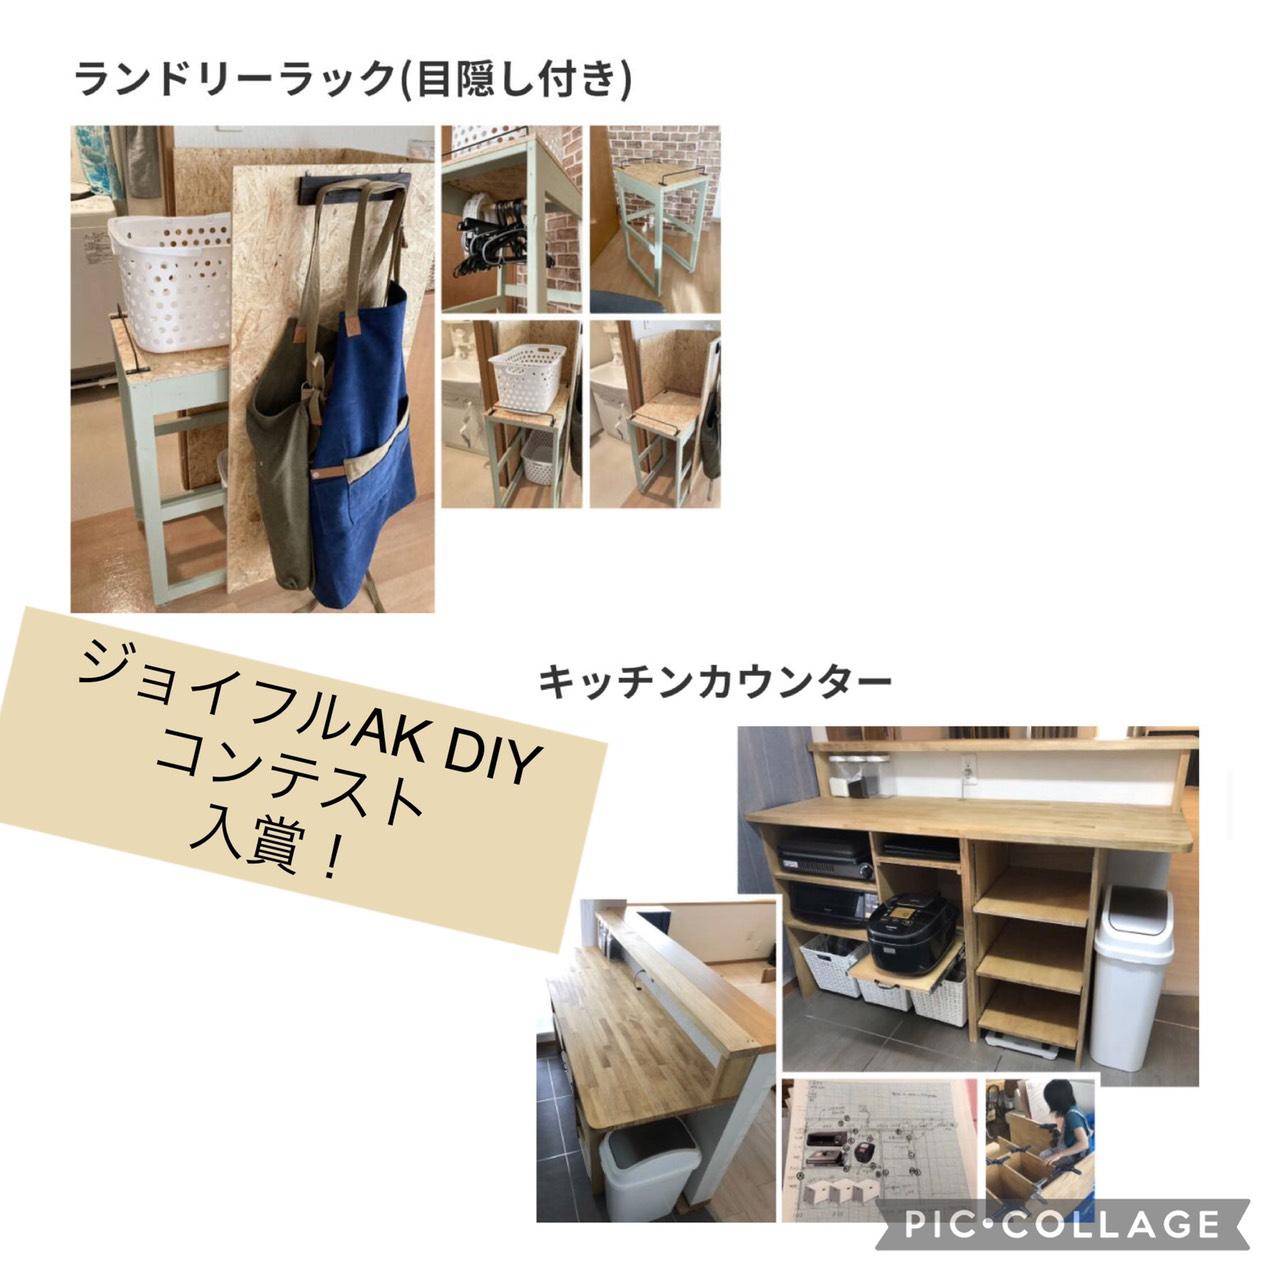 第8回ジョイフルAKDIYコンテスト入賞!